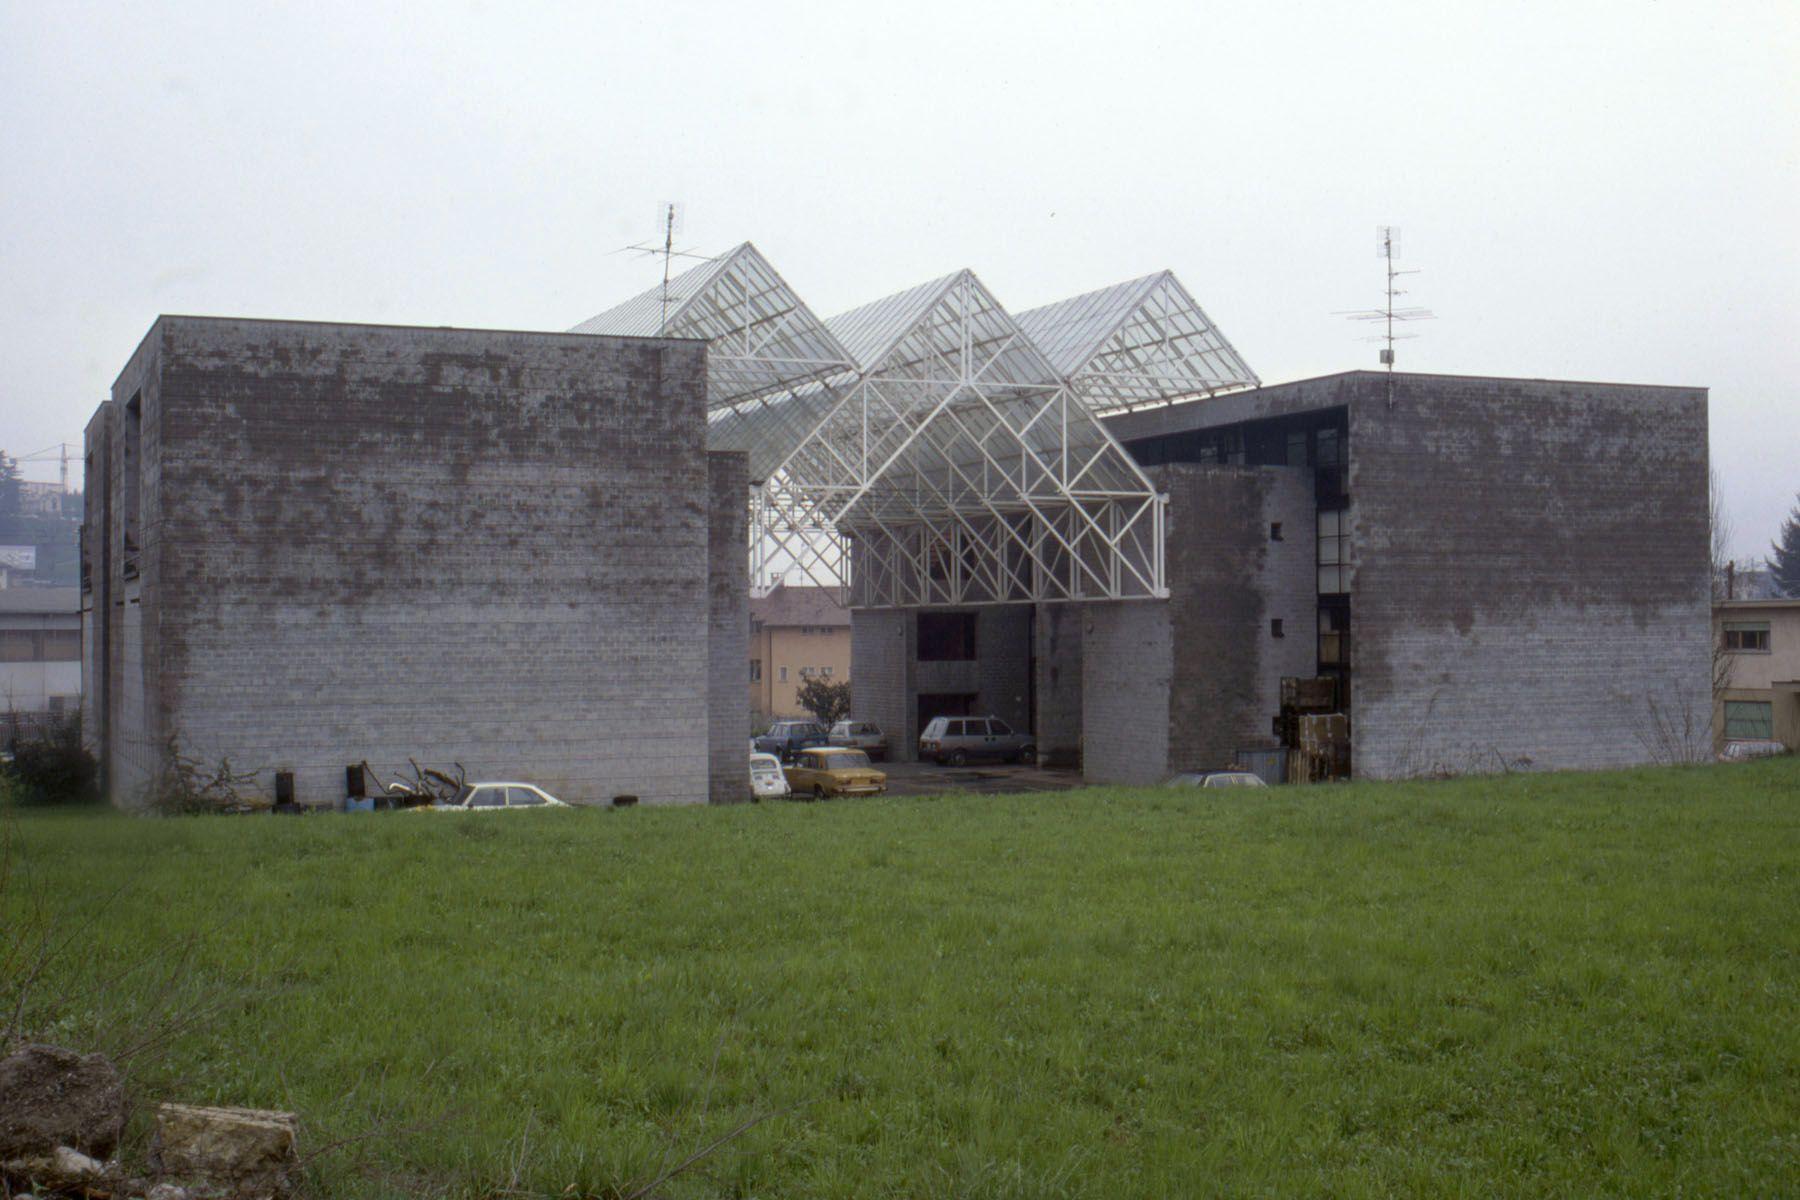 Mario Botta | Centro de Industrias Auxiliares - Centro Artigianale | Balerna, Suiza | 1977-1980